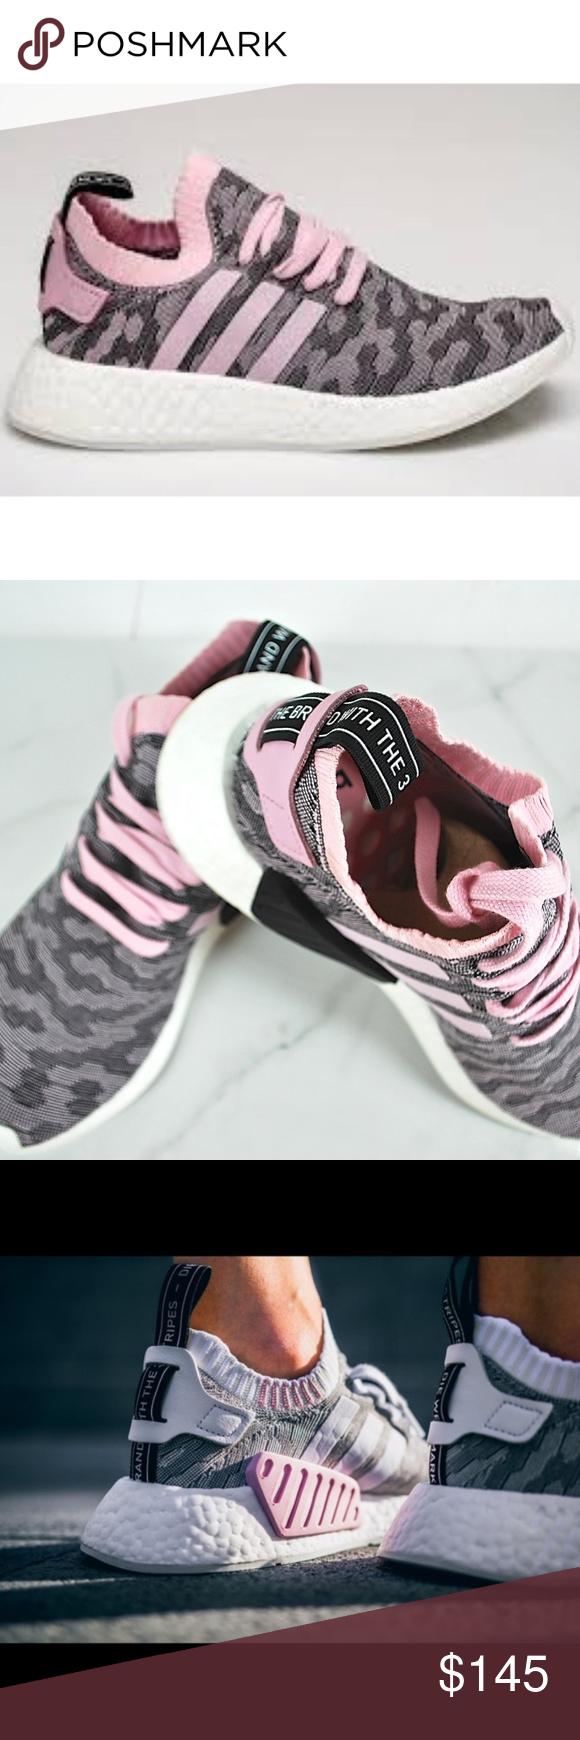 adidas nmd r2 primeknit casual scarpe femminili 9 nwt